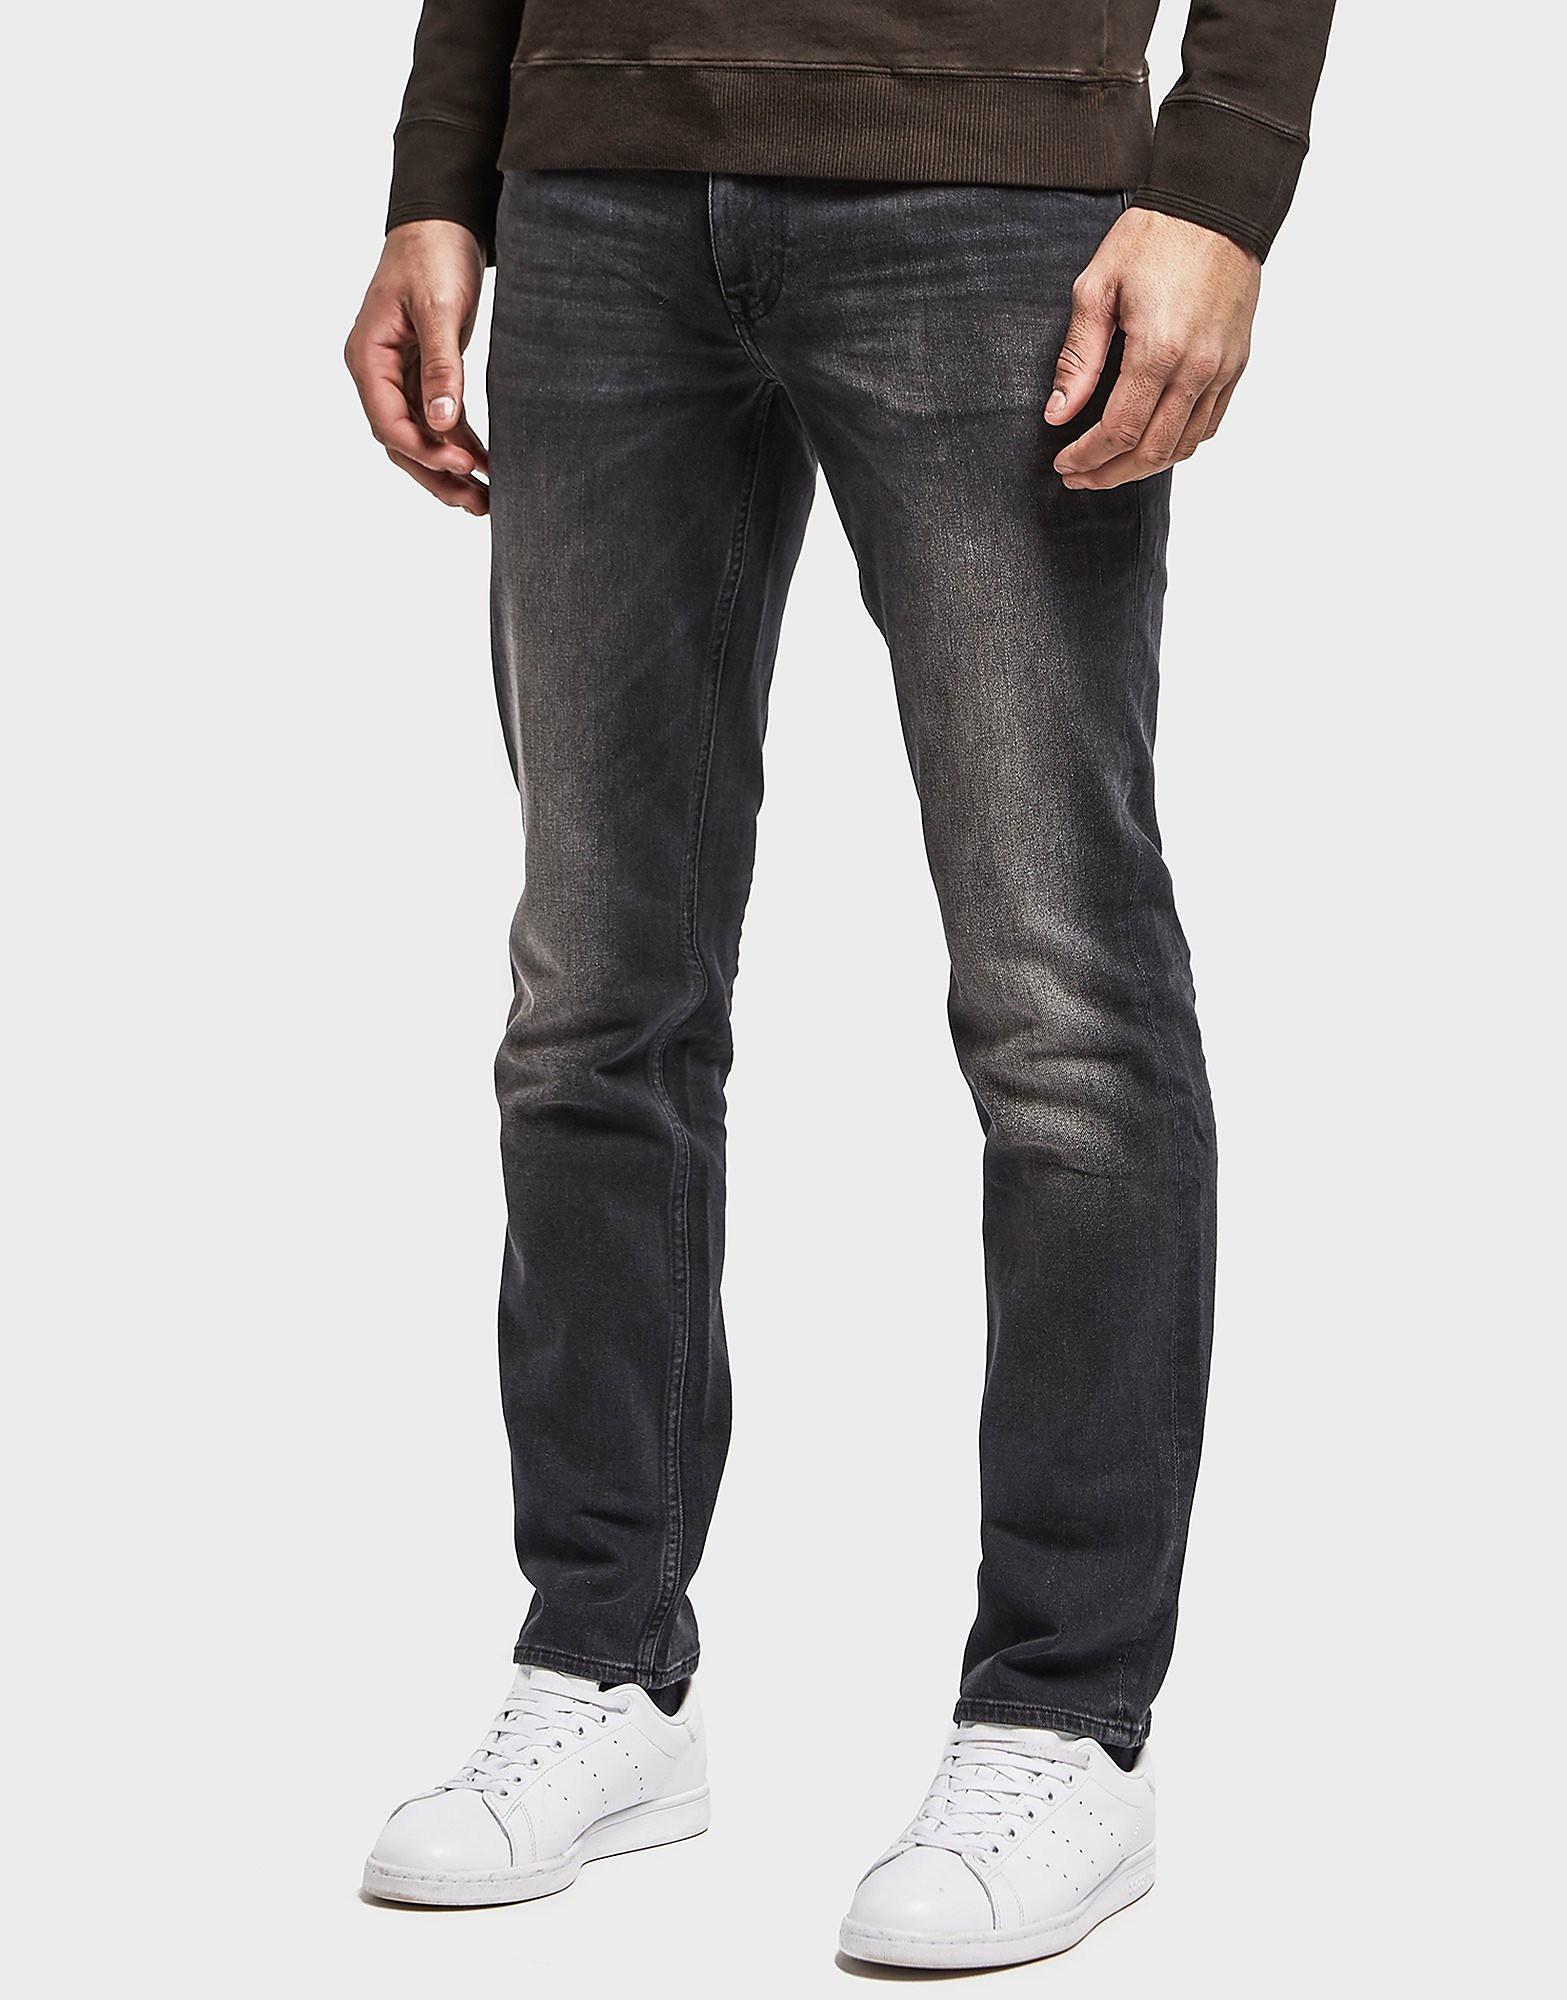 BOSS Orange 63 Helsinki Slim Jeans